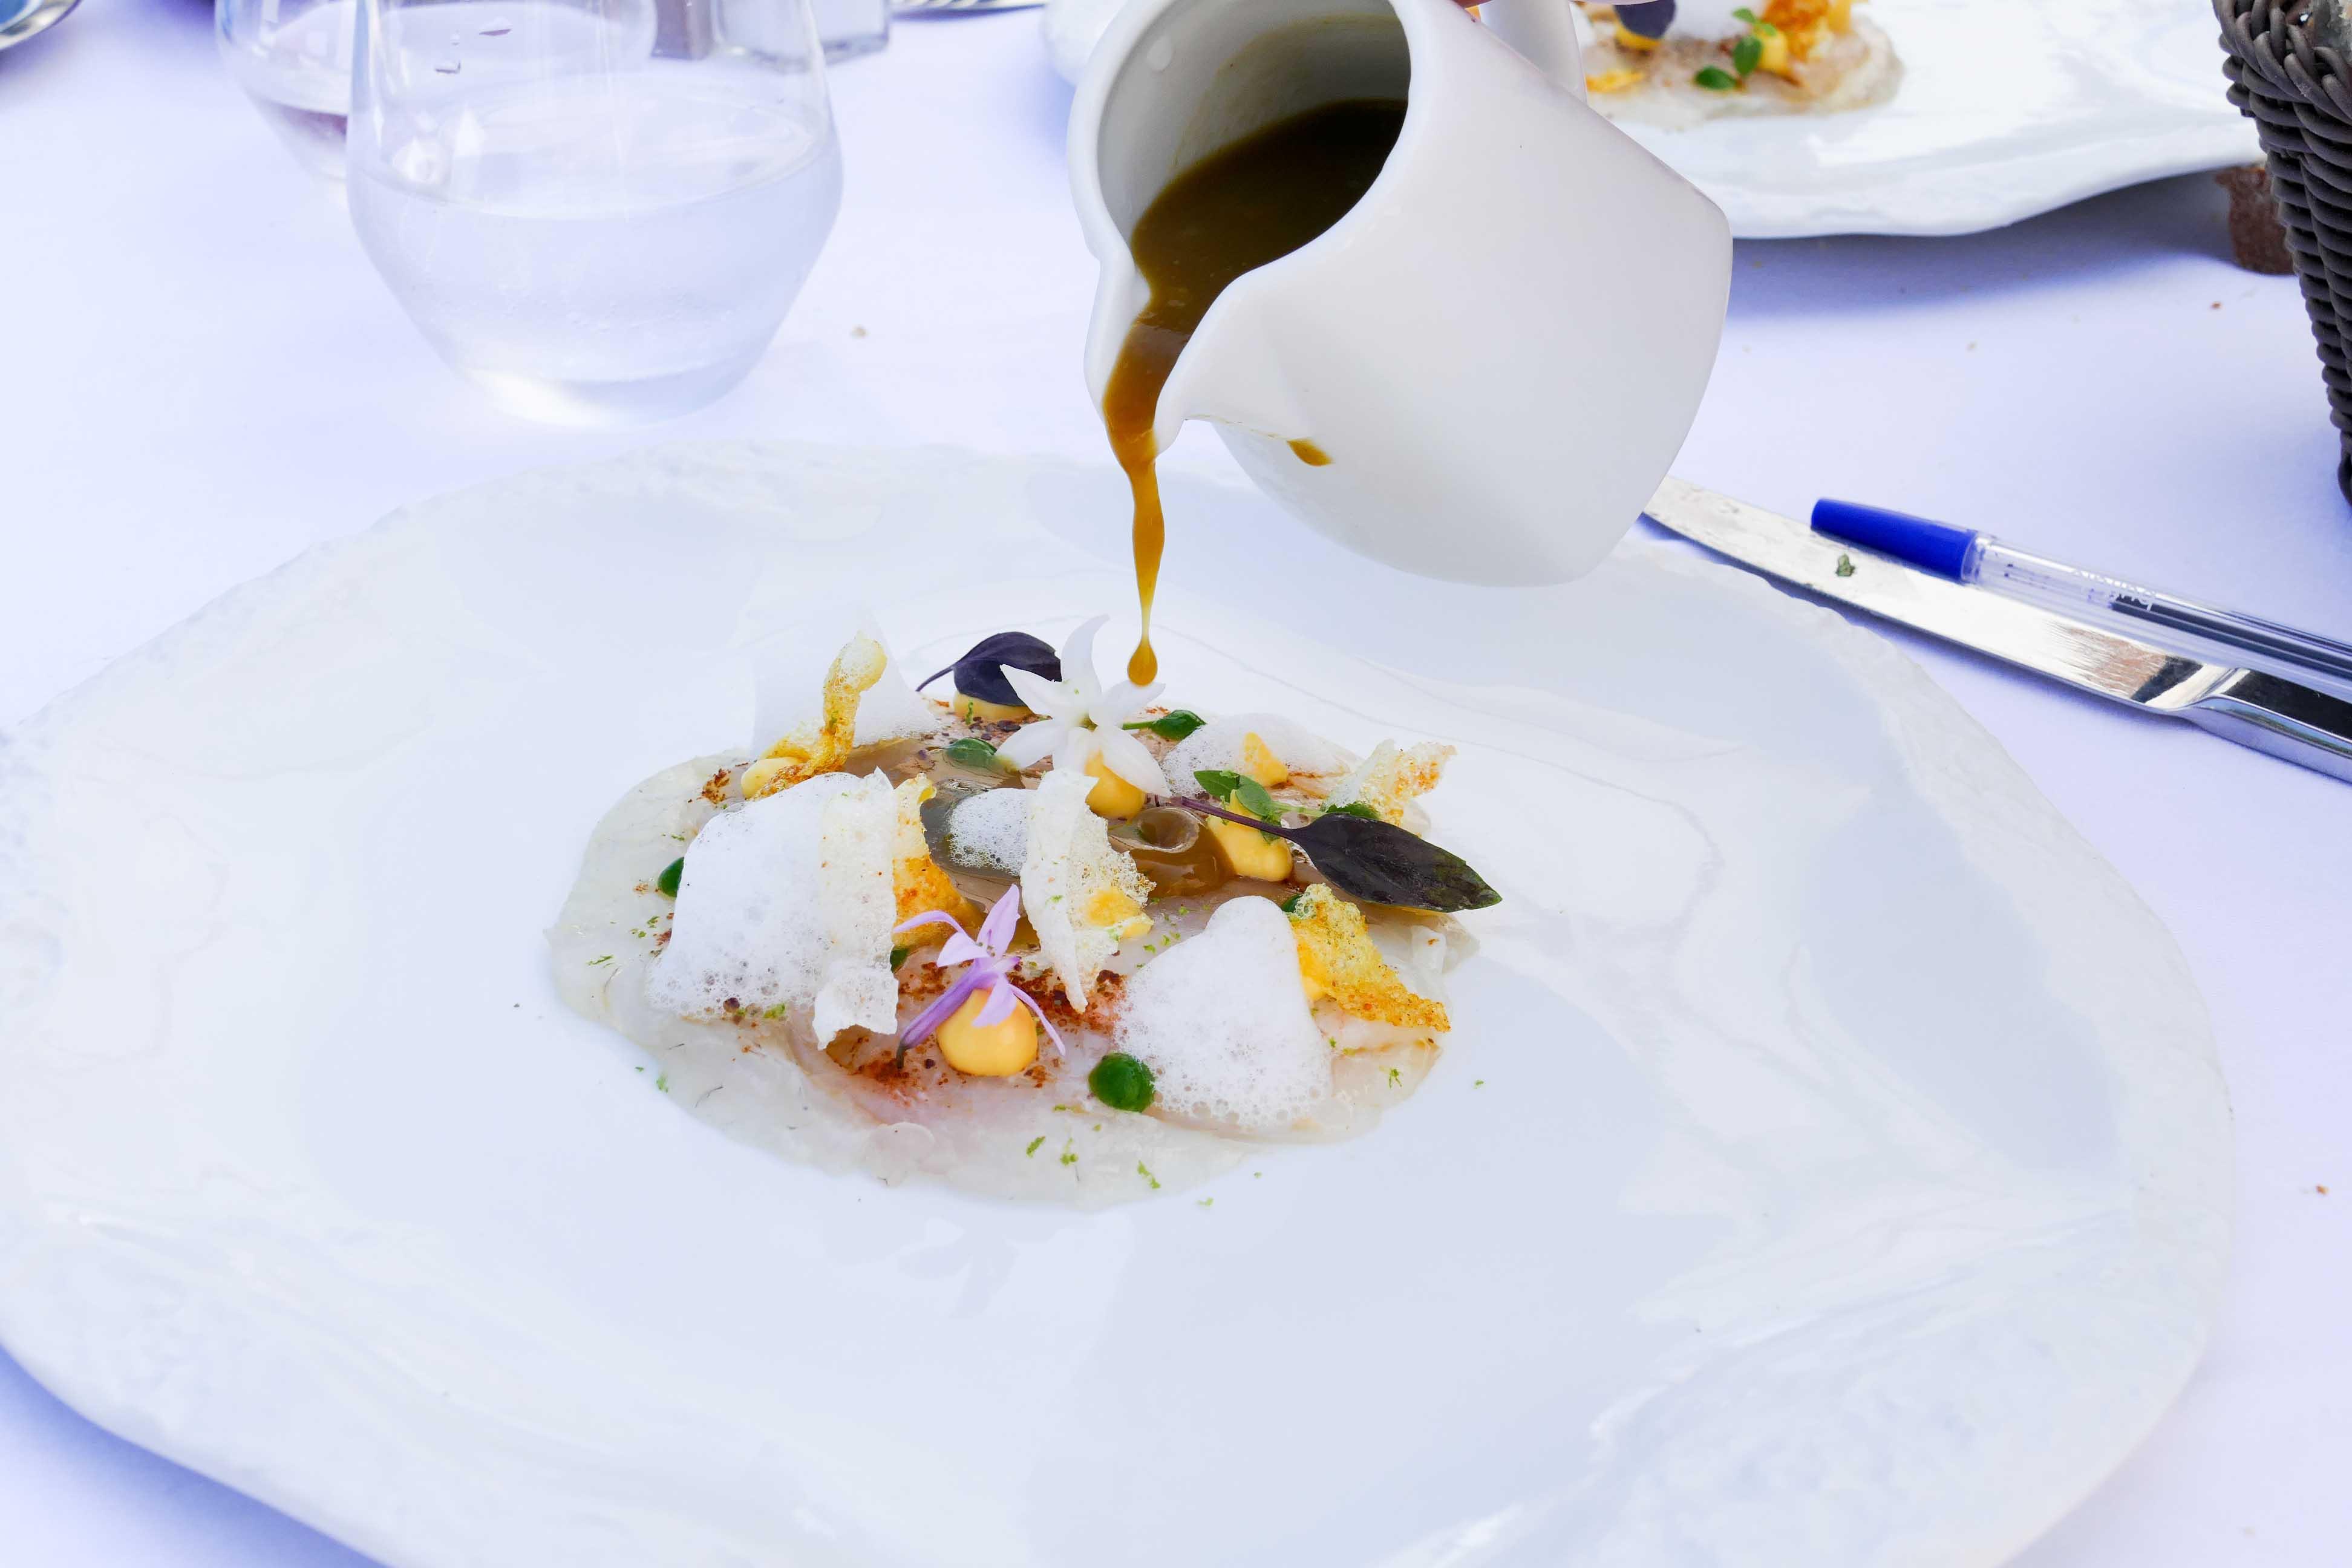 Déjeuner au restaurant Ilura, par Fabrice Idiart à Saint-Jean-de-Luz